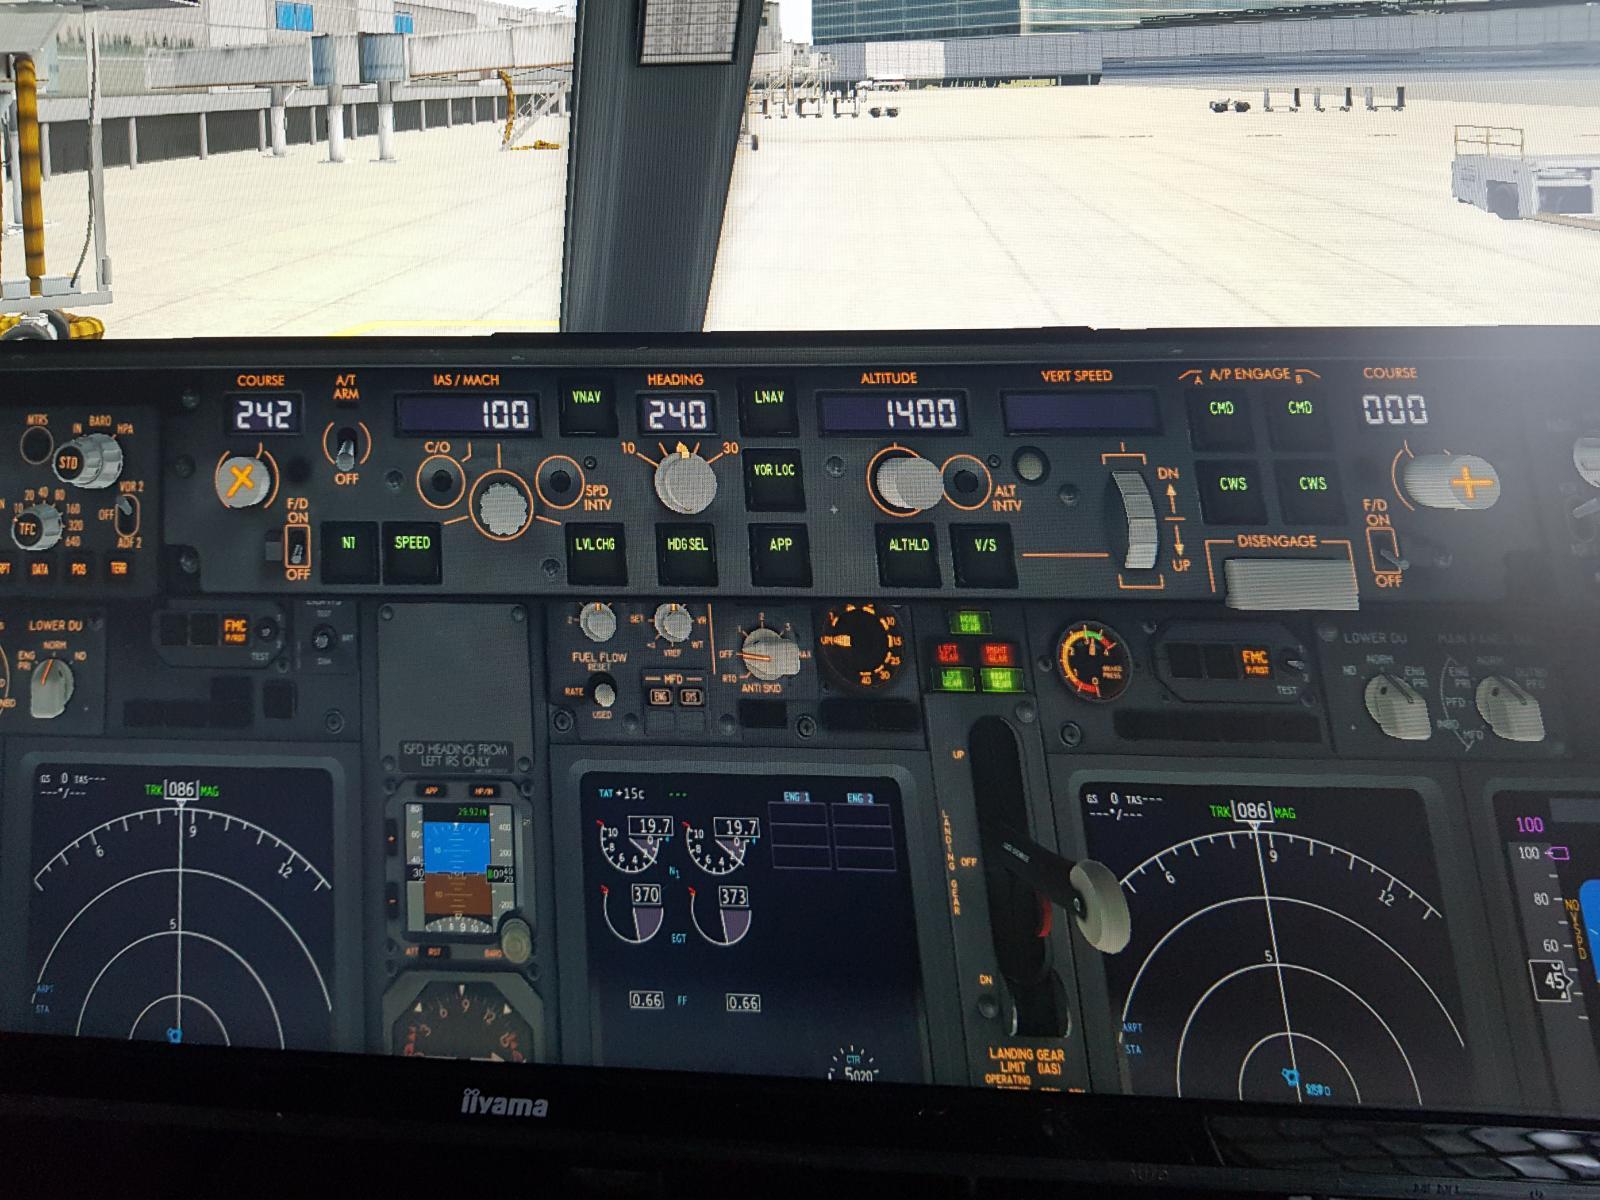 Zibo 737-800 autopilot panel problem - ZIBO B738-800